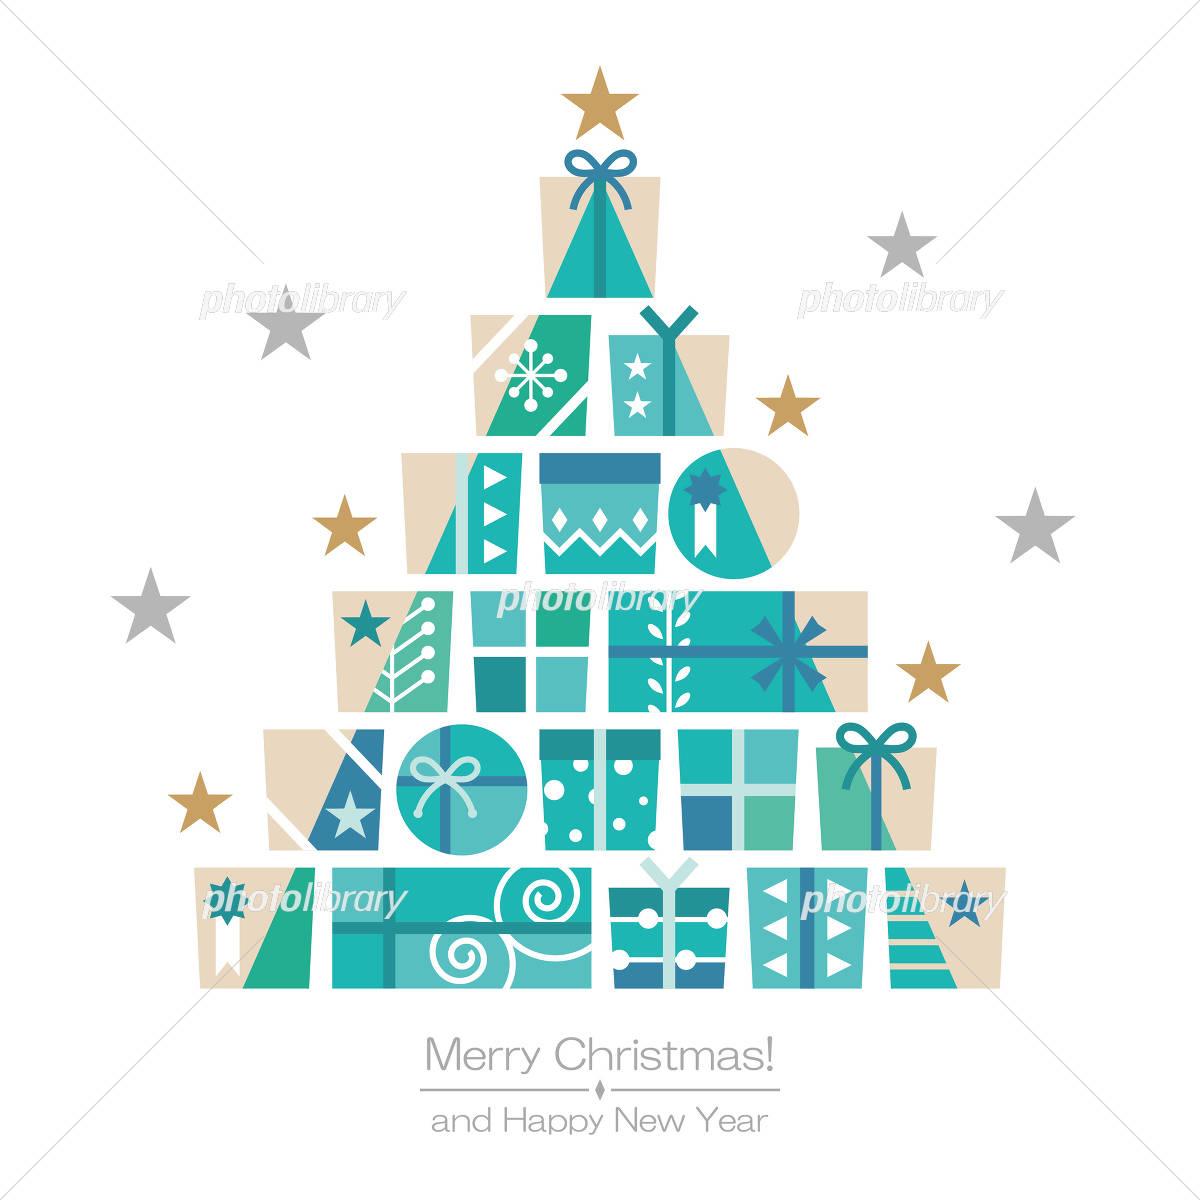 クリスマスプレゼントボックス イラスト素材 4141612 フォトライブ